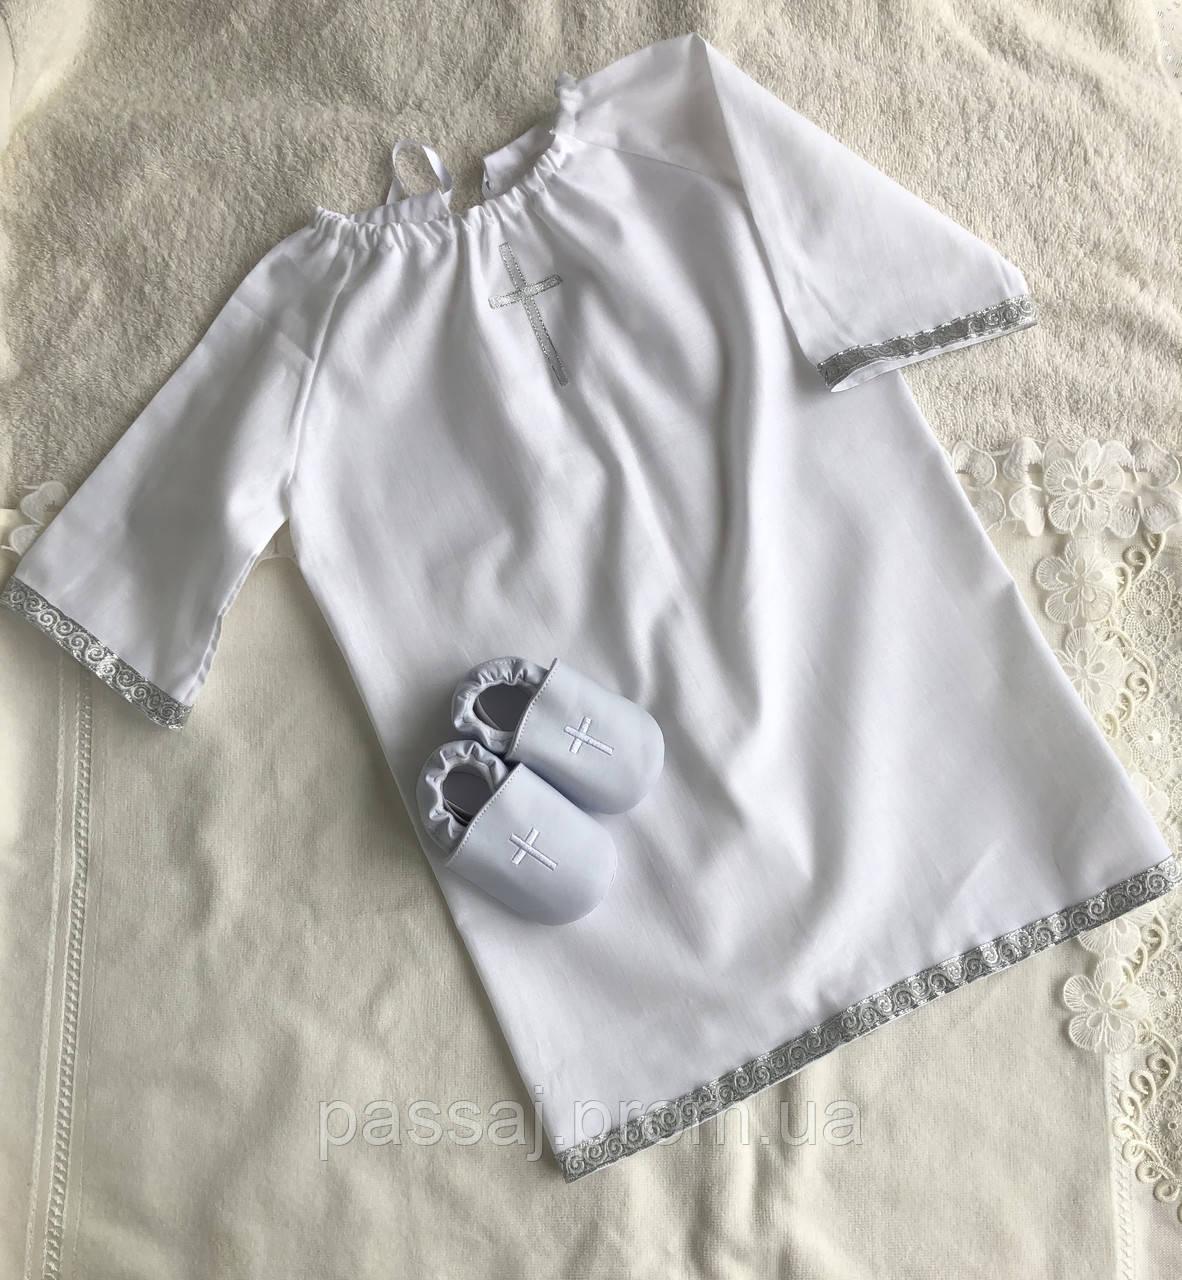 Белый с серебристым набор для крещения ( пинетки и длинная рубашка)